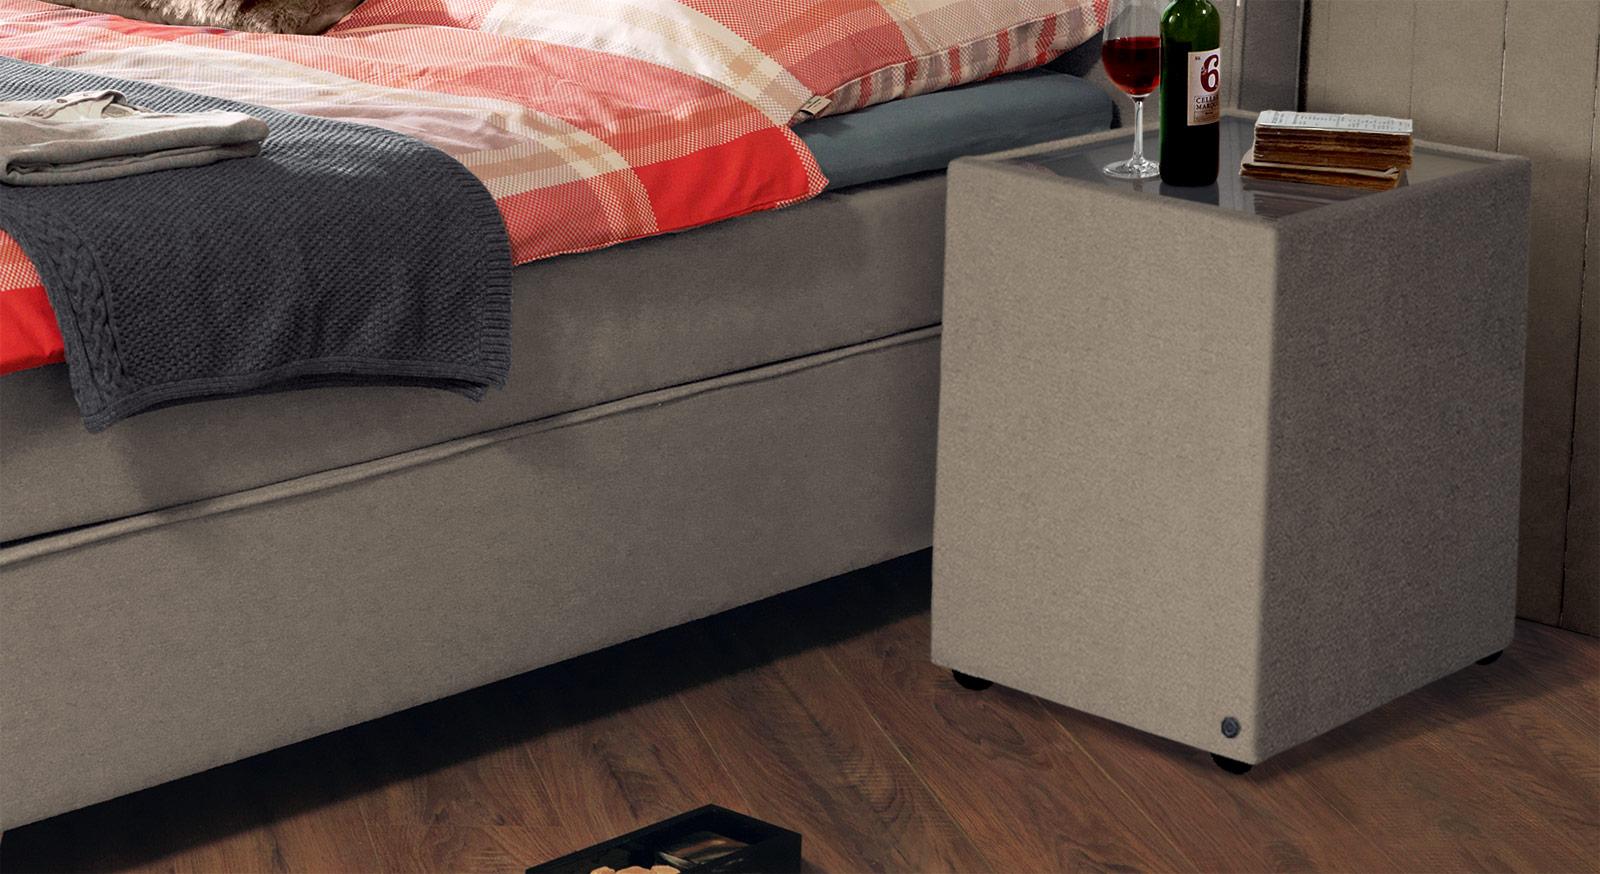 Nachttisch Tom Tailor Soft mit sandfarbenem Stoffbezug